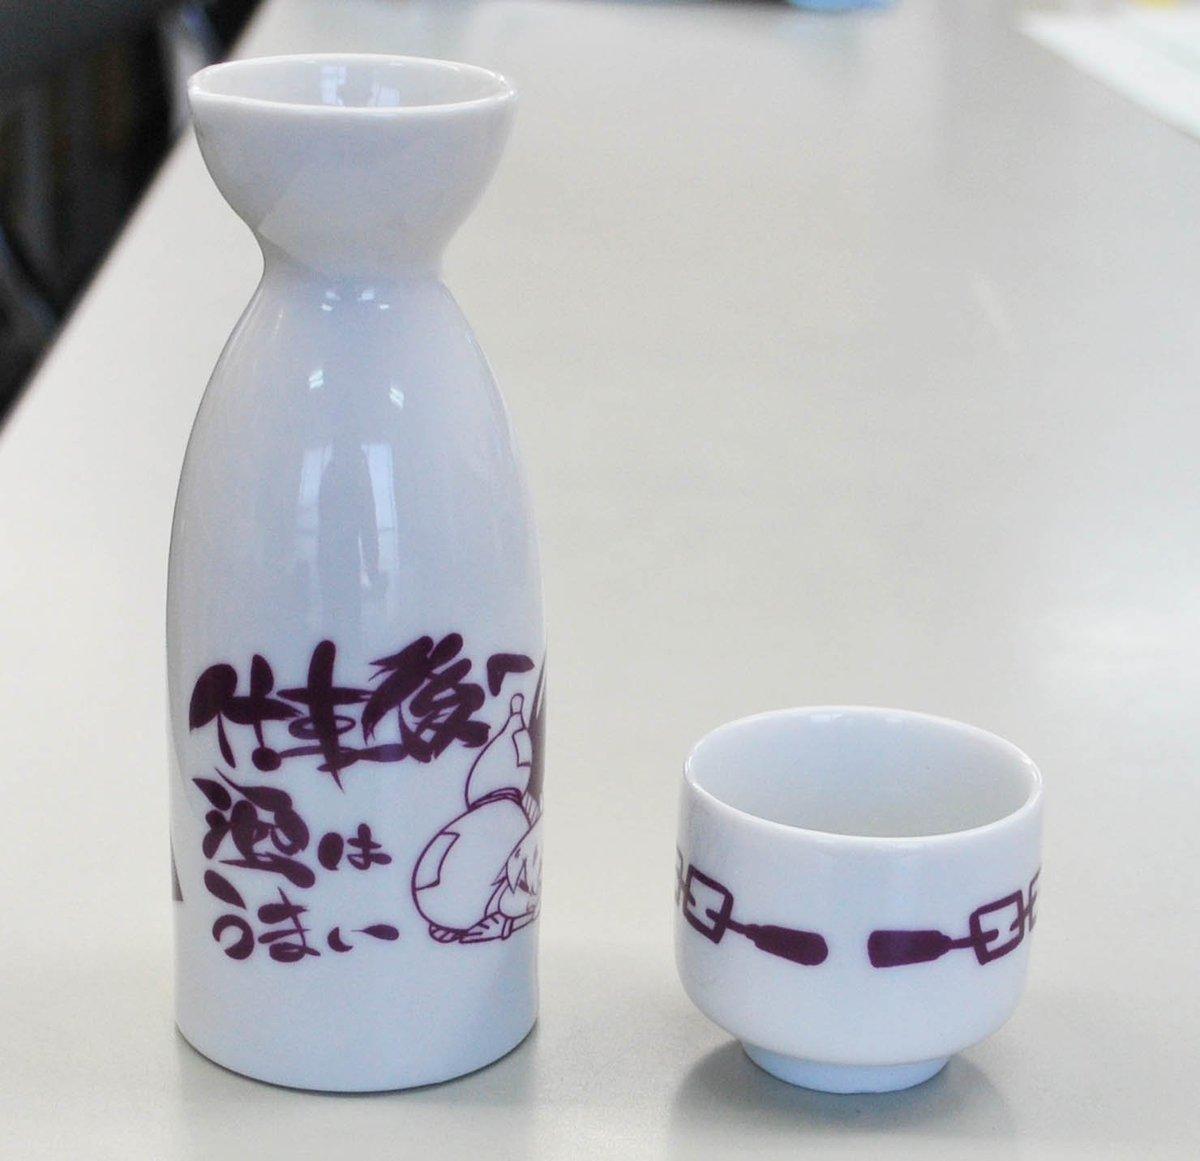 東4ぬ19ab【二次会オンライン】です。  例大祭13にて伊吹萃香モチーフの徳利とお猪口セットを出します。陶器製で一組2,000円になります。  当日は日本酒頒布も有るらしいので、ぜひともよろしくお願いします。  #例大祭13告知 https://t.co/iOQgXXyxel